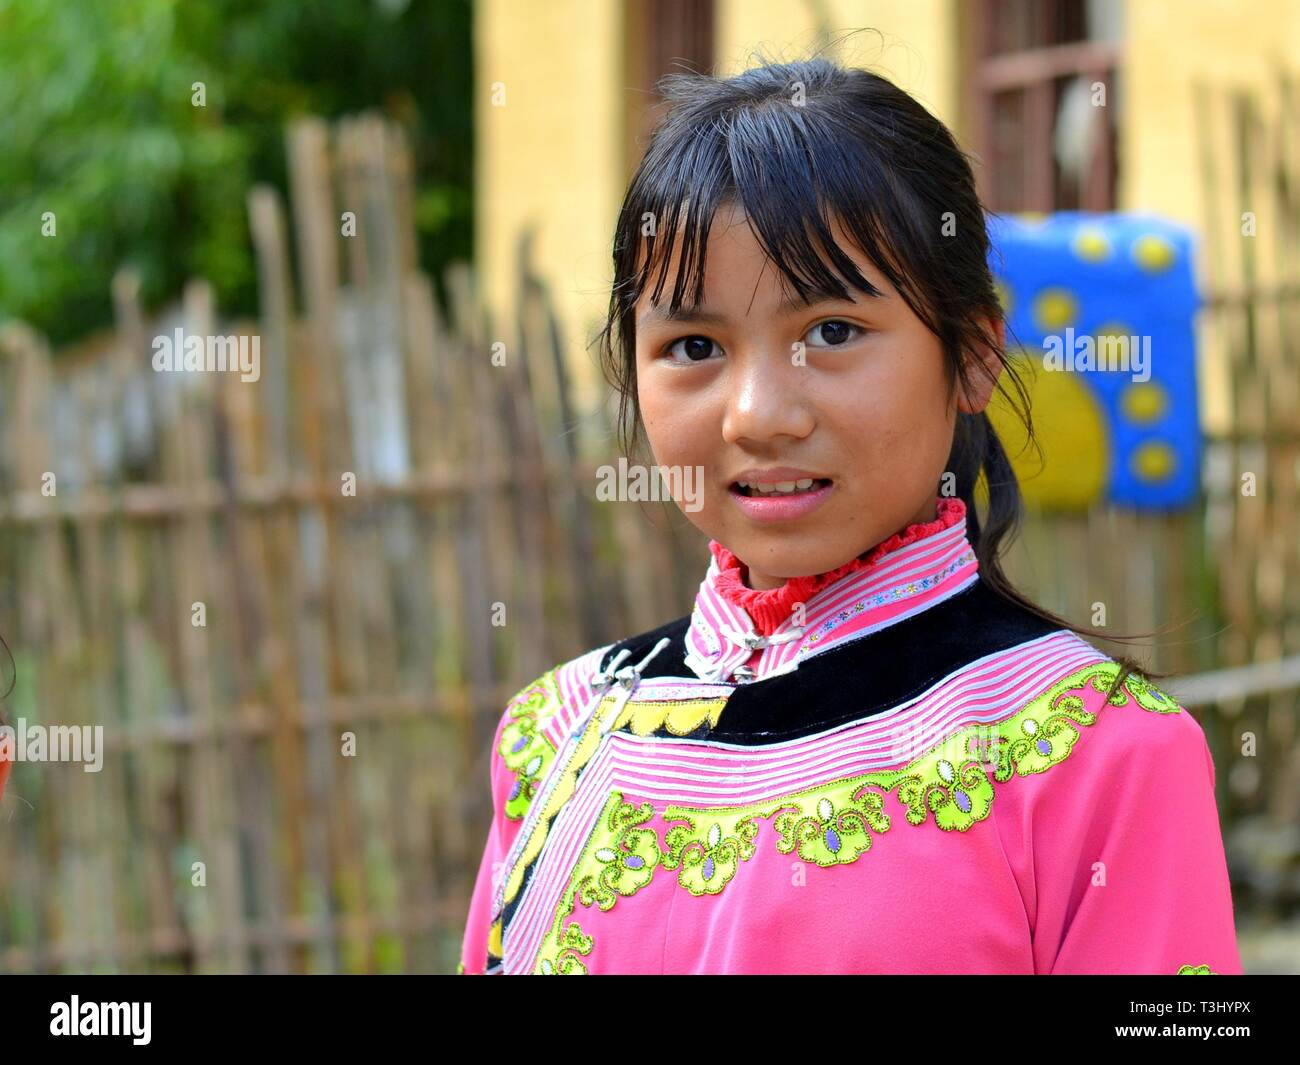 Bella ragazza Miao (Cinese minoranza etnica) indossa una rosa tradizionale etnica costume e pone per la fotocamera. Immagini Stock